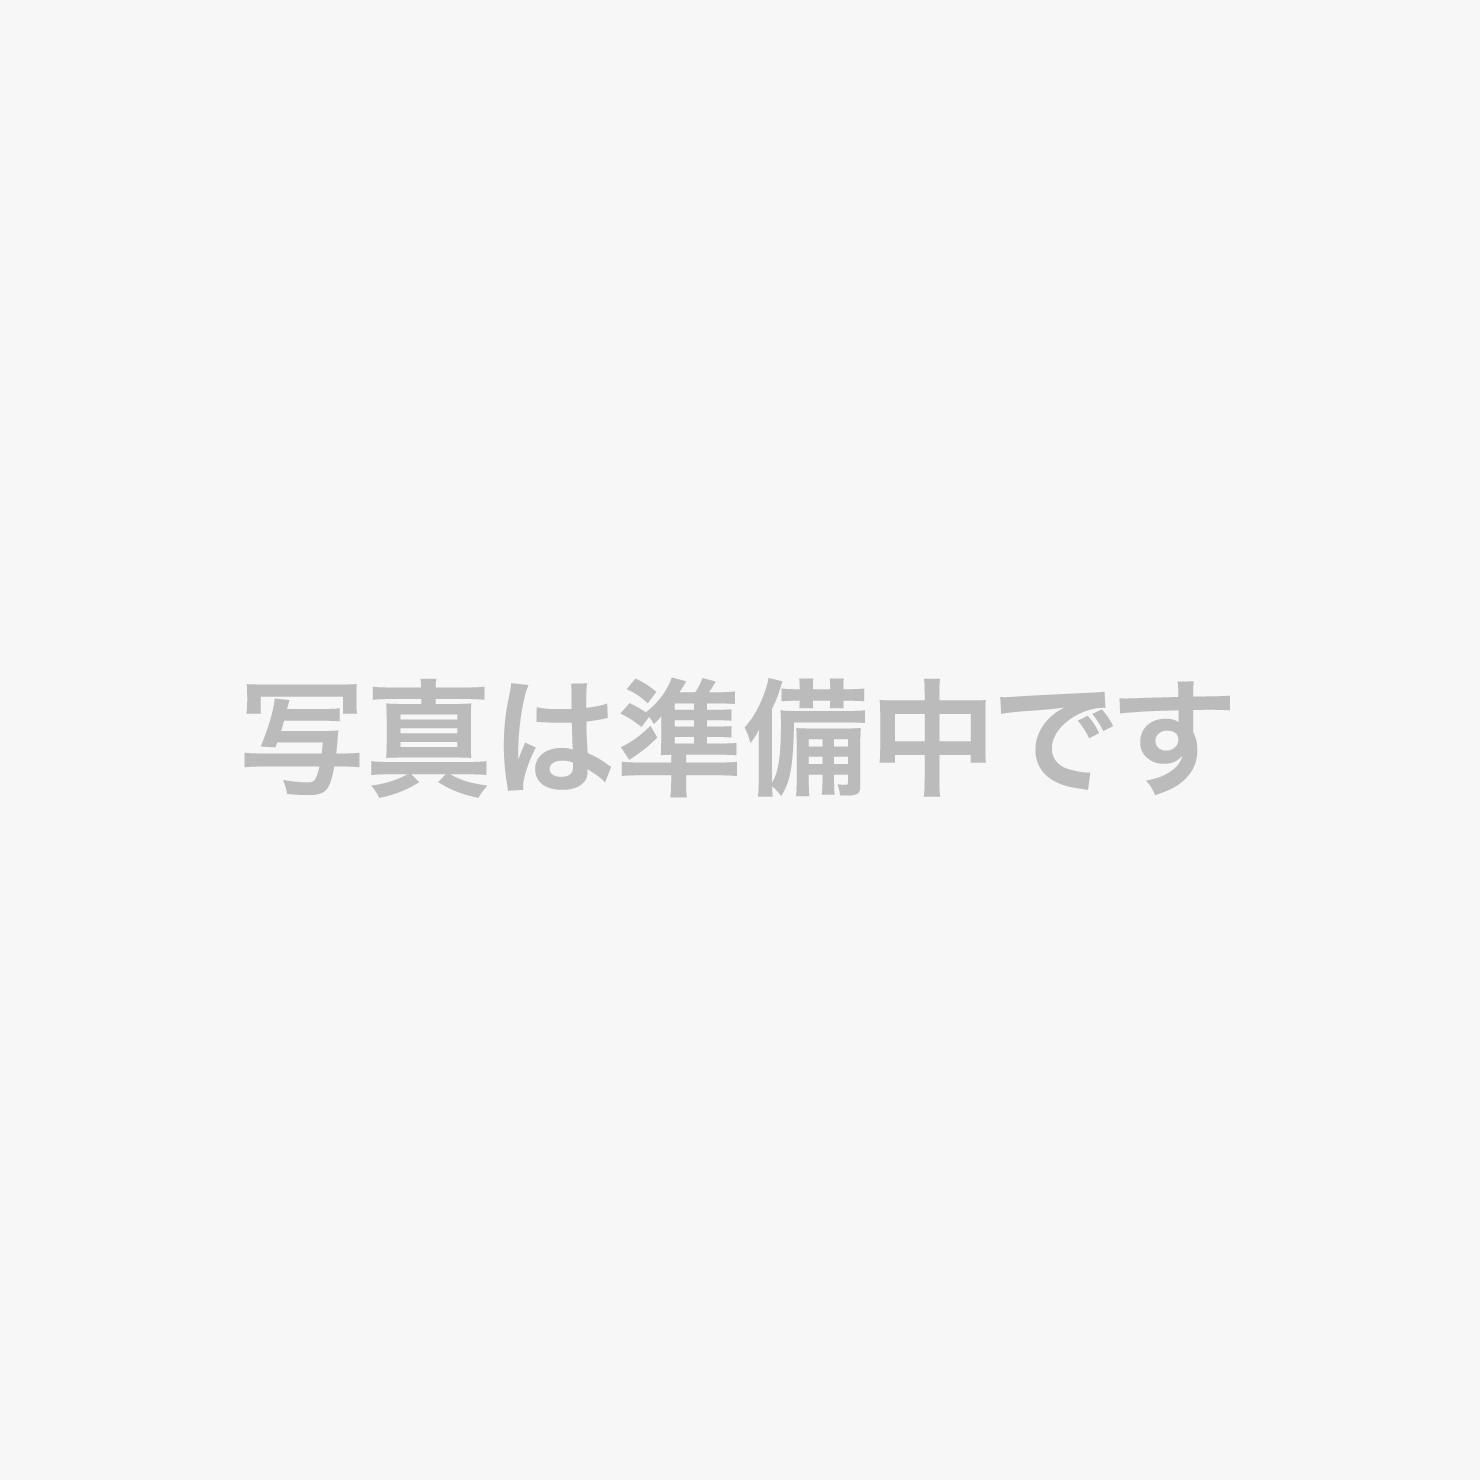 【ダイニング】造形和紙の掘りごたつ席